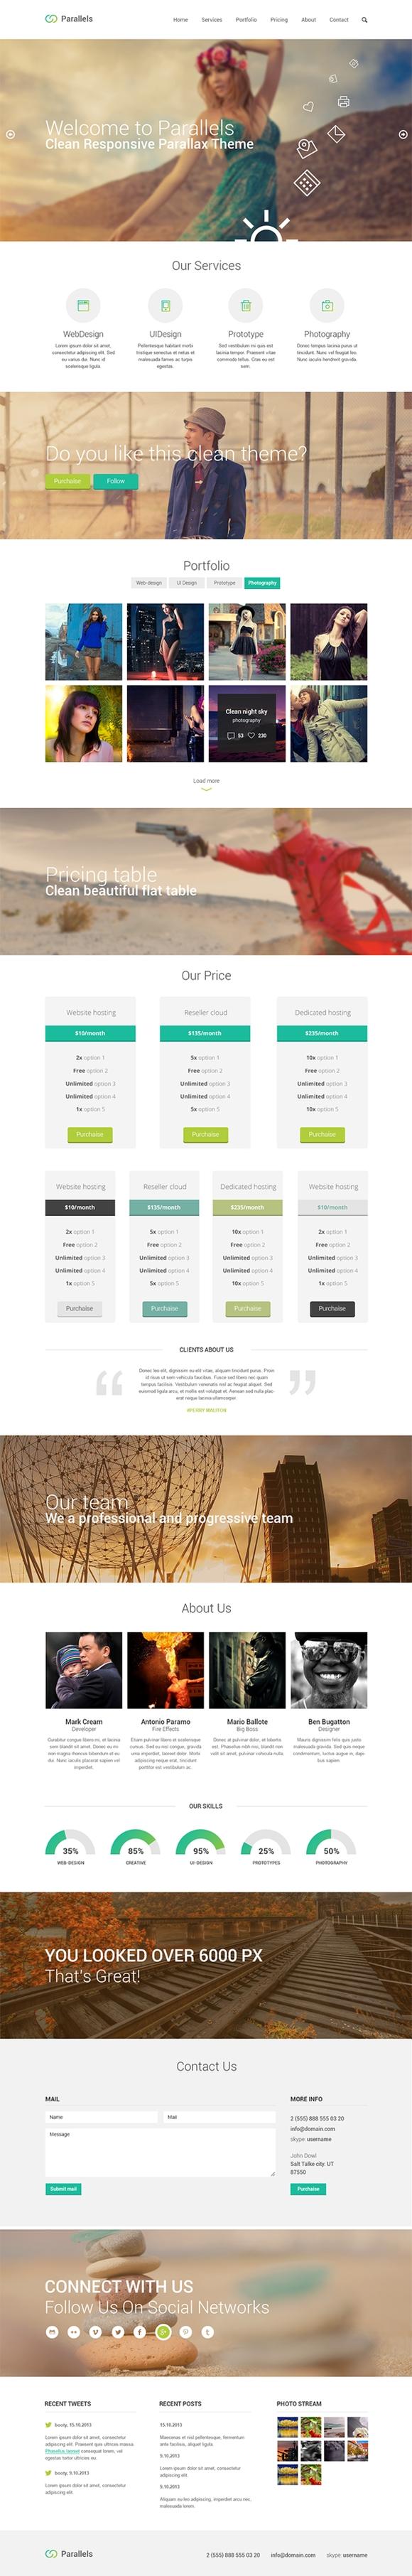 25 个最好的免费 PSD 网站模板